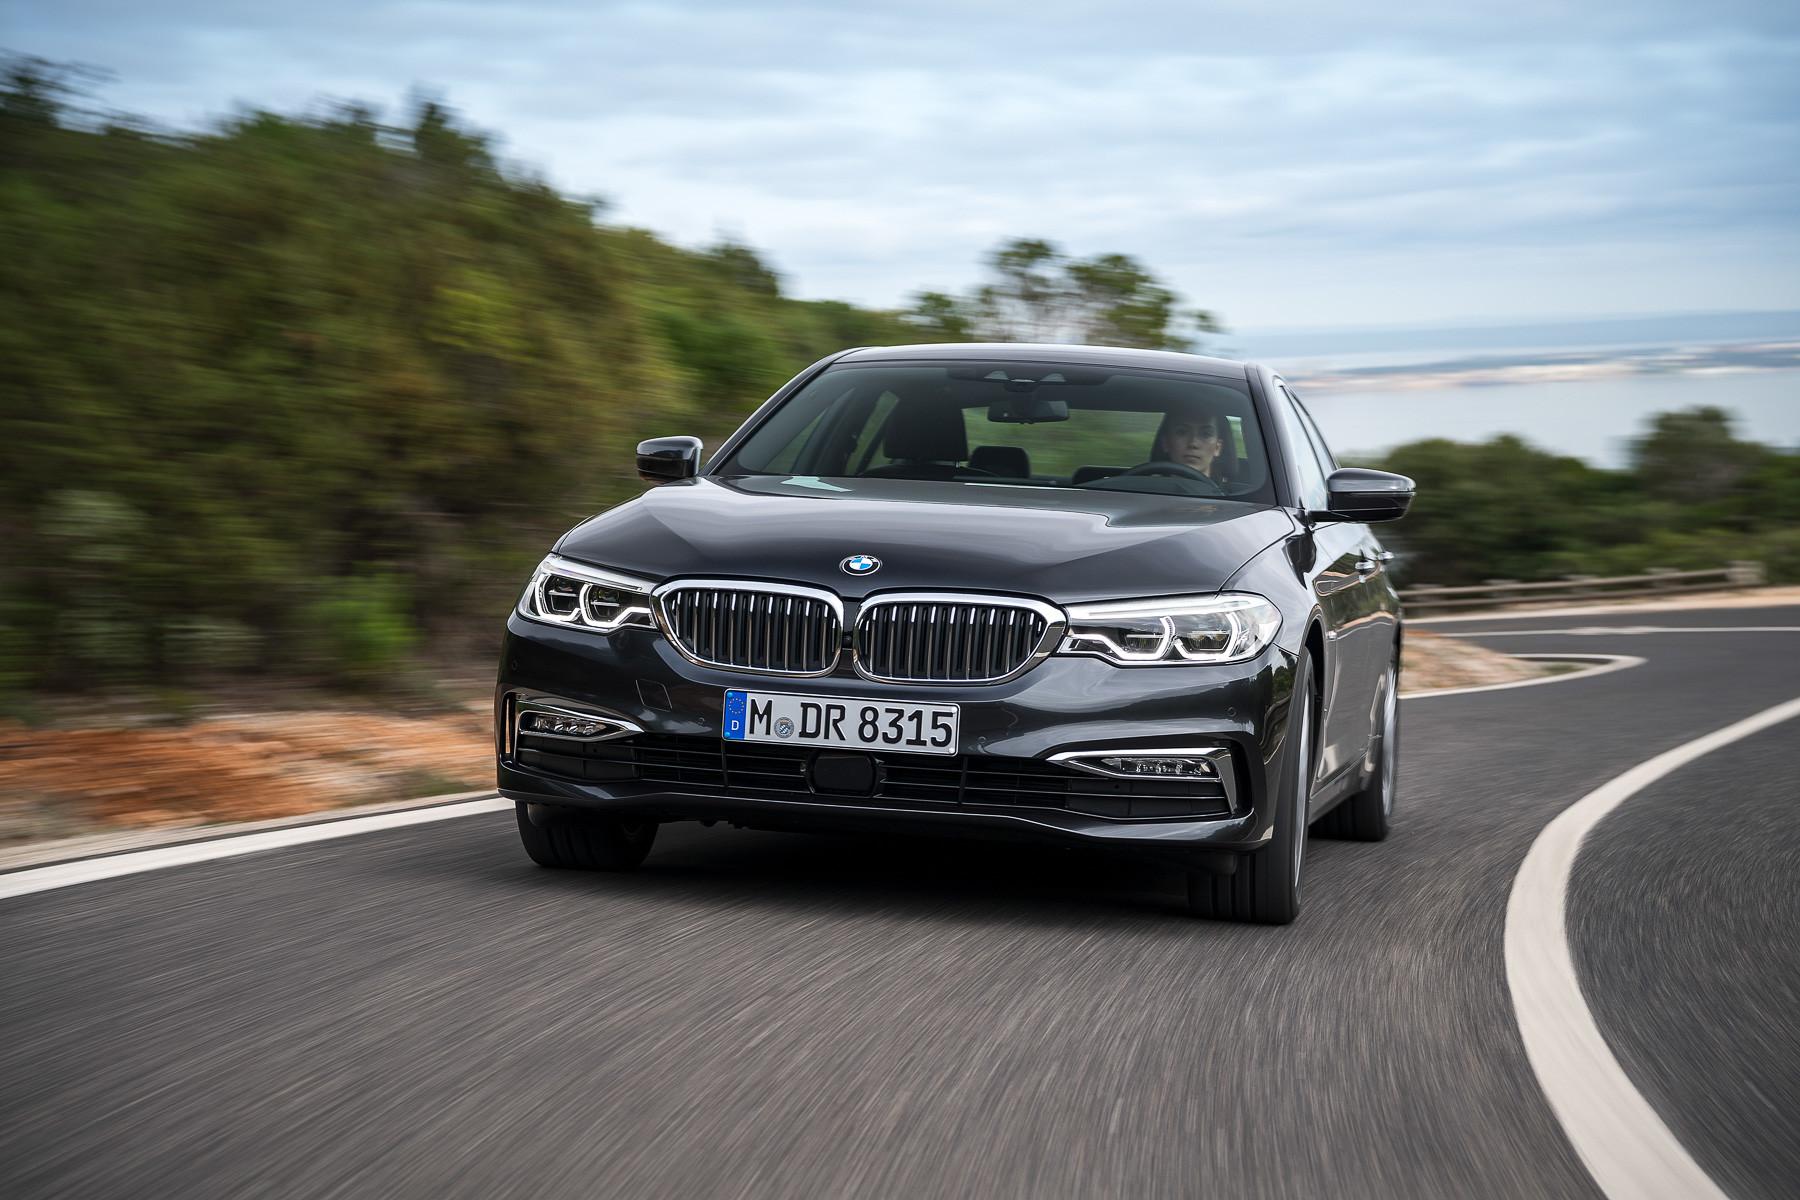 «Неожиданно»: названа страна, где BMW стоит дешевле всего 1